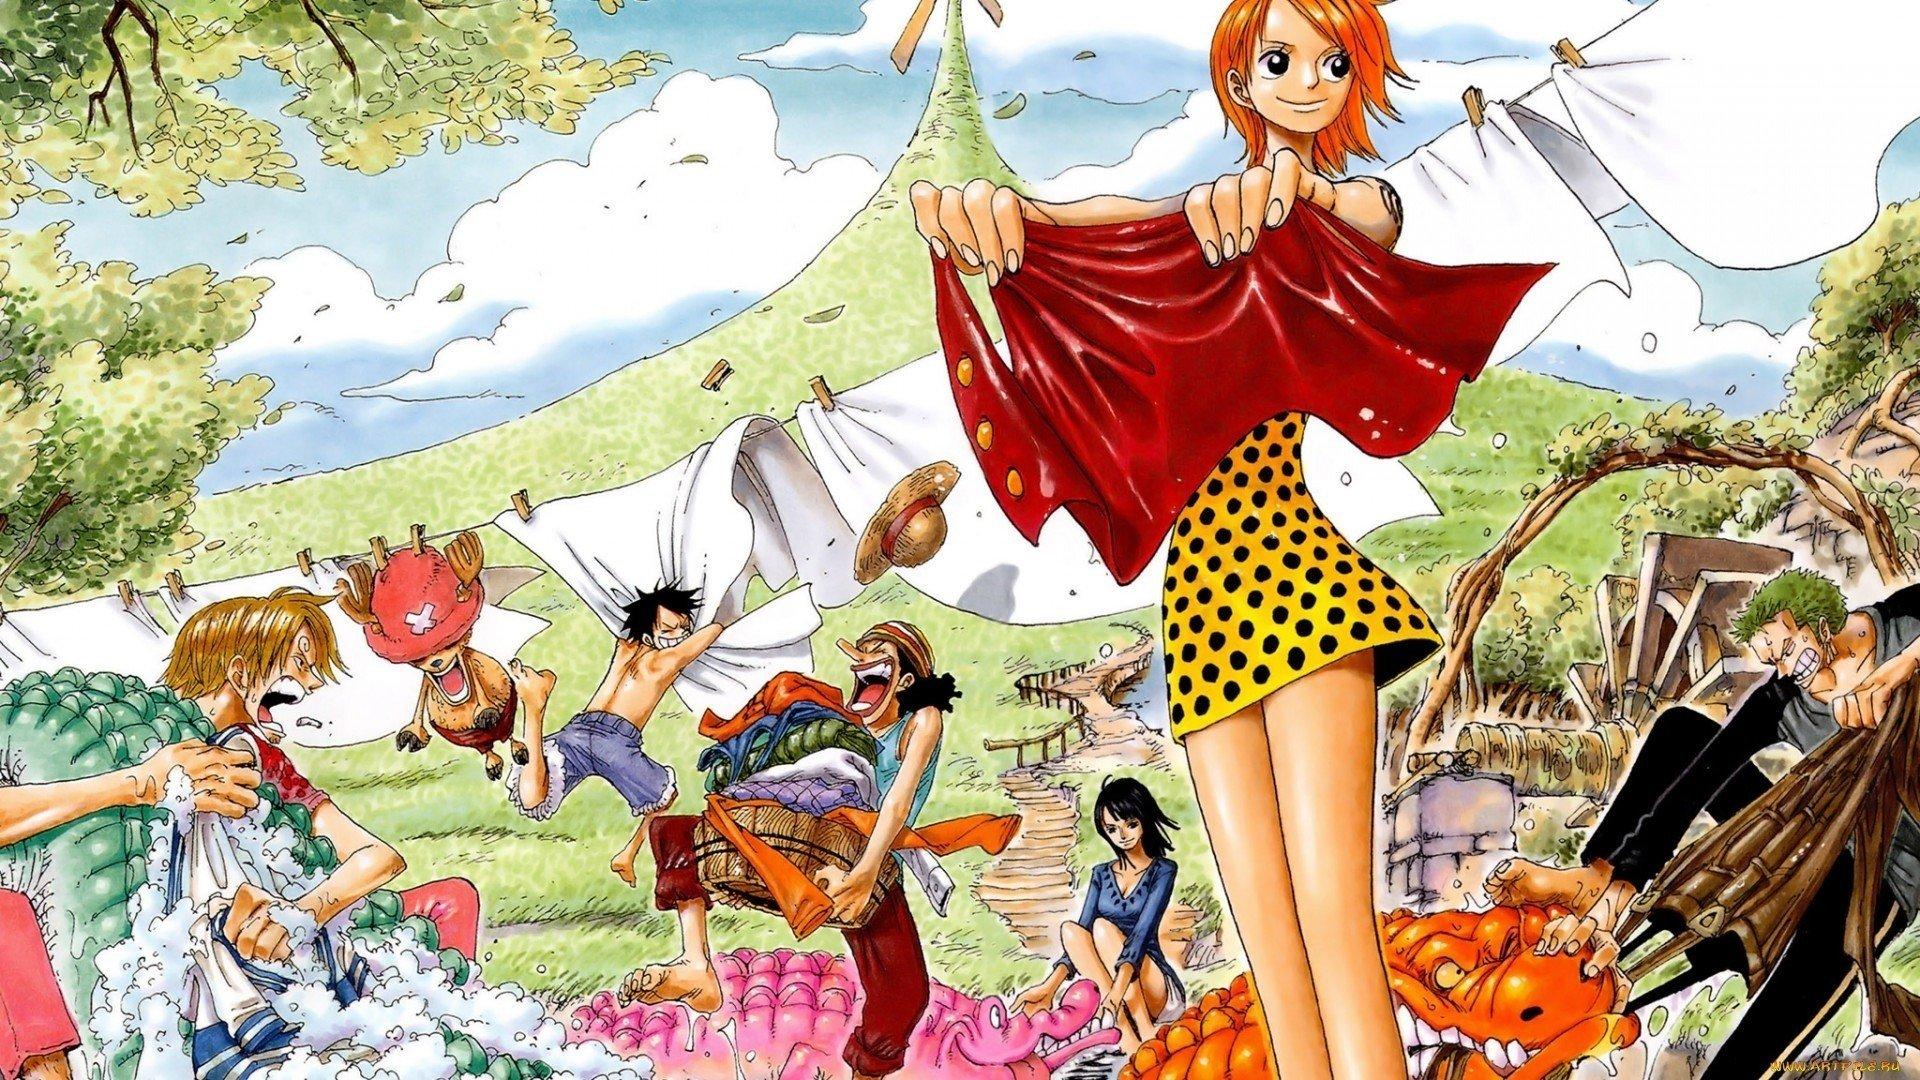 One Piece Nami Tony Tony Chopper Usopp Robin Character Sanji Roronoa Zoro Hd Wallpapers Desktop And Mobile Images Photos